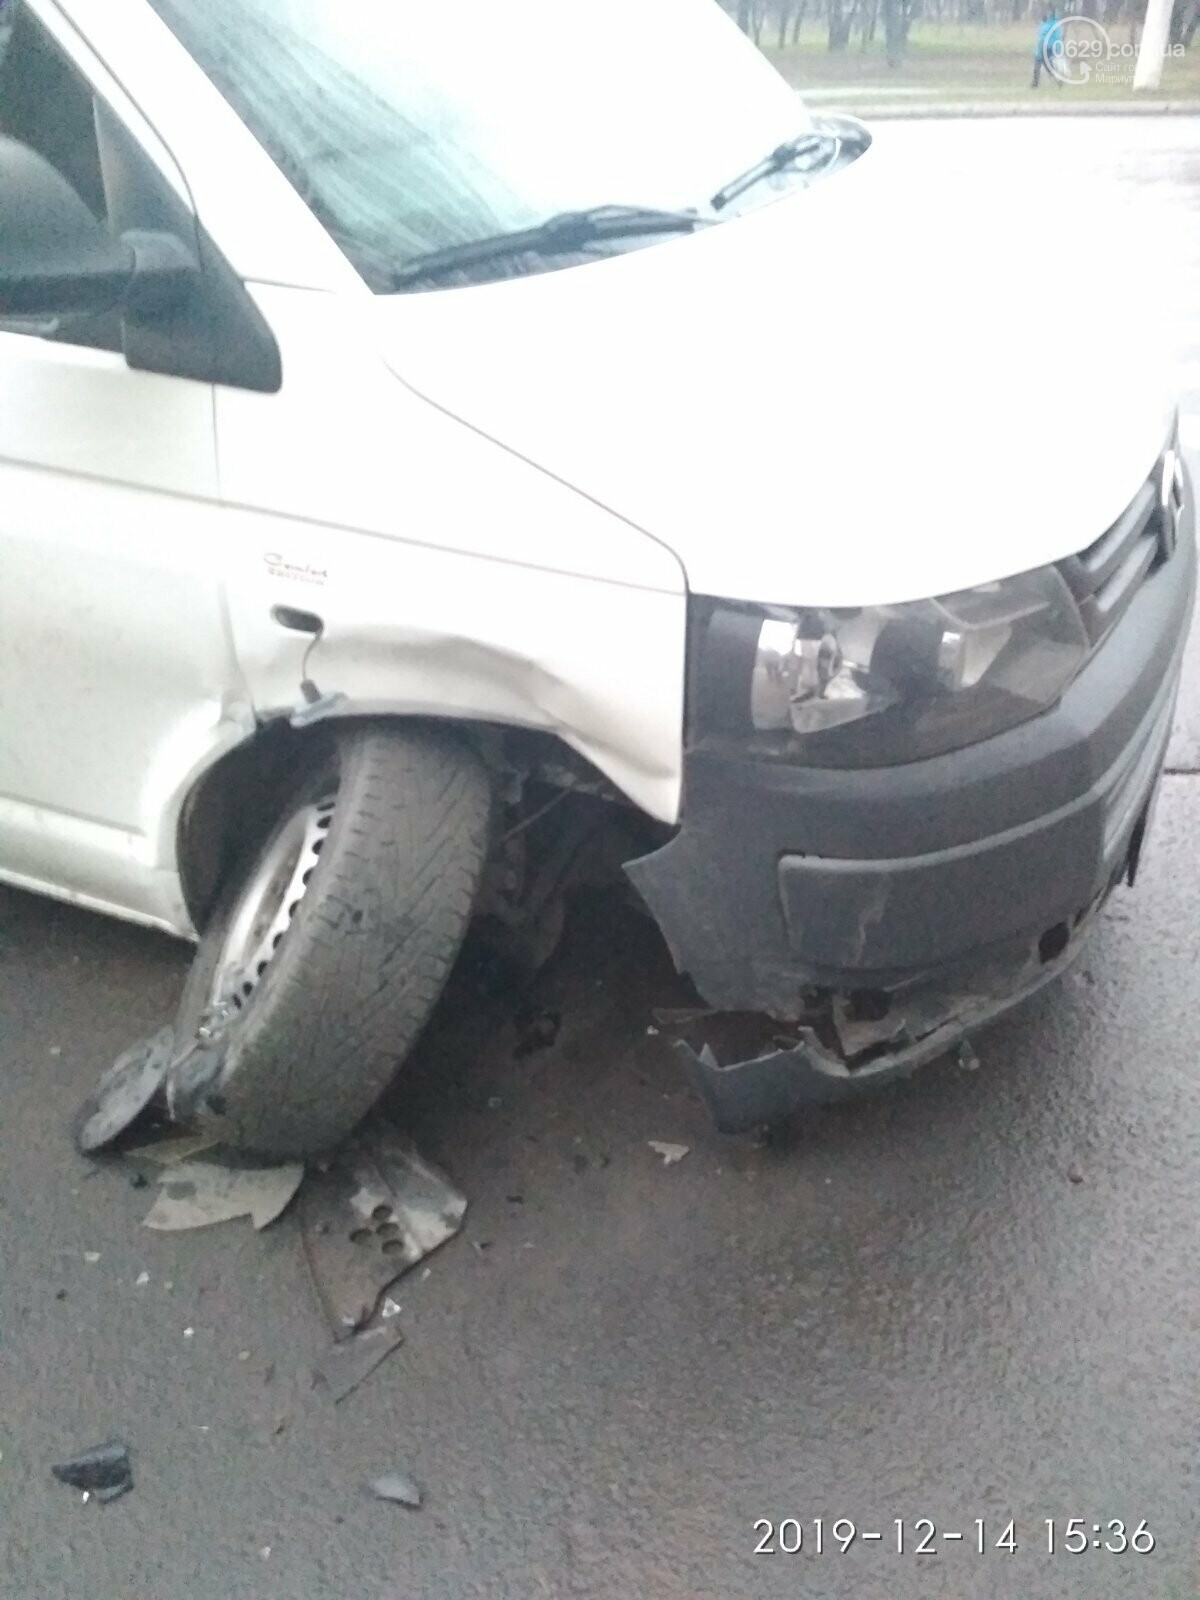 В Мариуполе столкнулись легковушка и микроавтобус. Трое человек пострадали, - ФОТО, фото-1